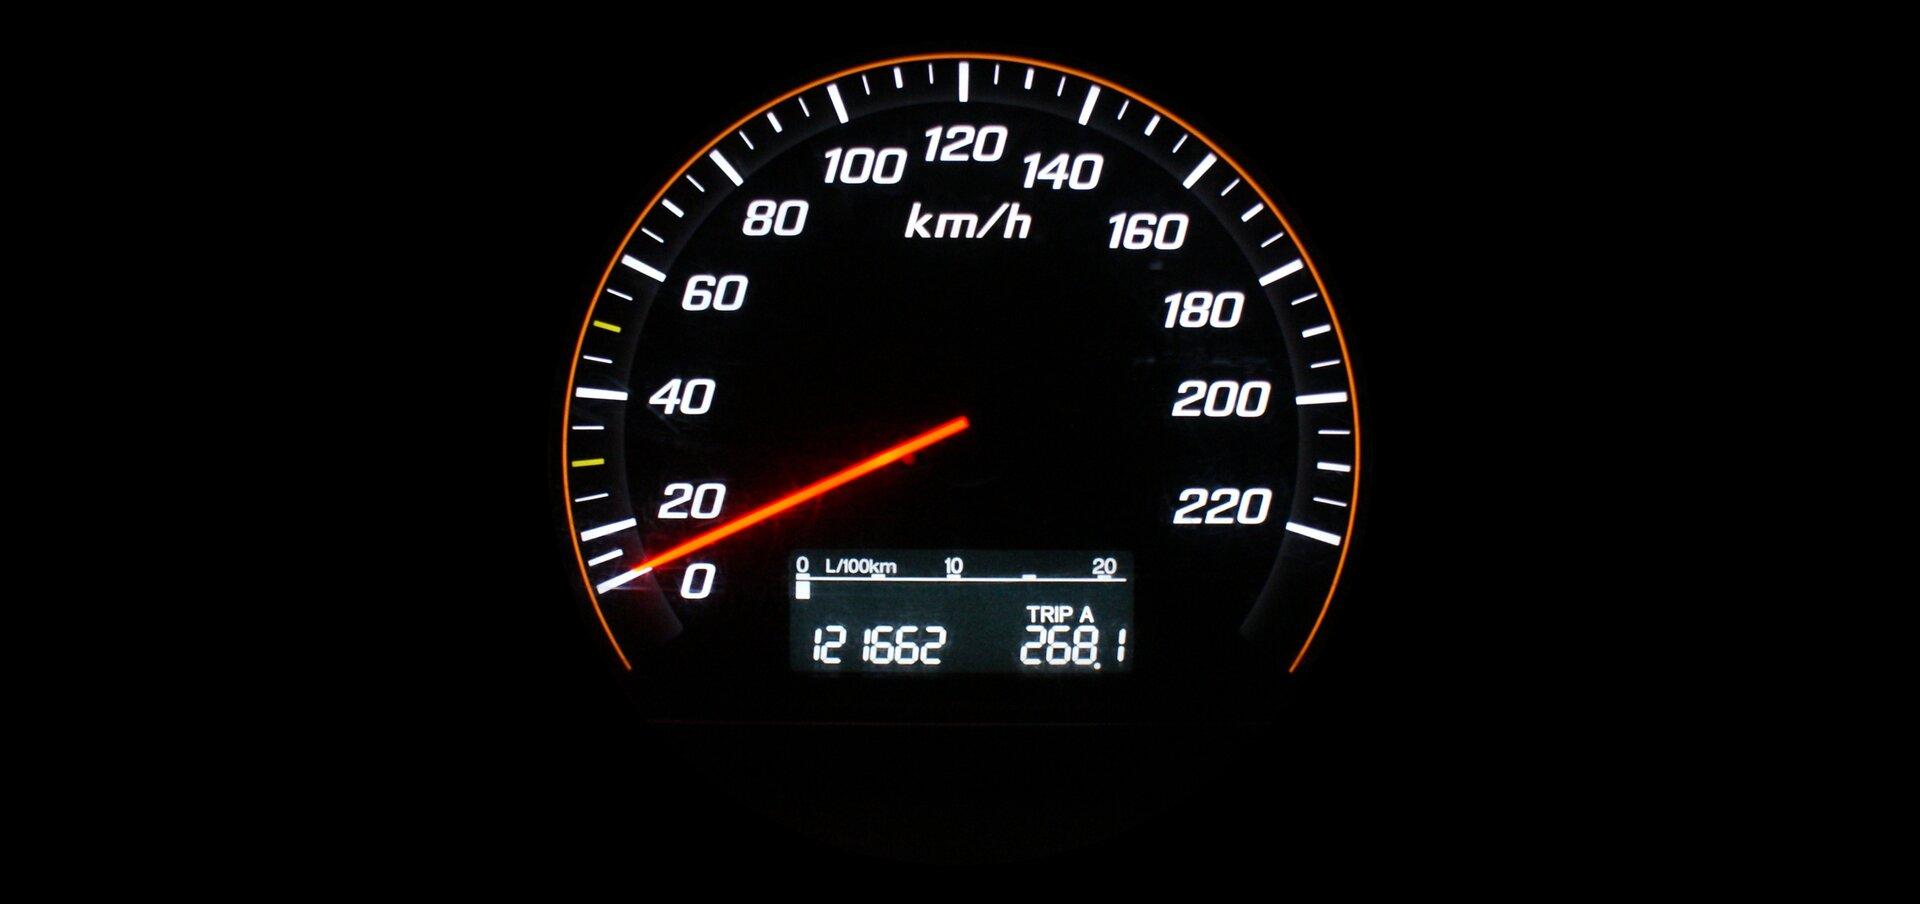 """Zdjęcie przedstawia tarczę prędkościomierza wsamochodzie. Tło itarcza czarne. Tarcza okrągła. Liczby ilitery podświetlane. Skala od 0 do 220, co 20, również podświetlana. Ugóry tarczy, po środku widać litery """"km/h"""". Czerwona wskazówka spoczywa na liczbie 0. Na samym dole cyfrowy wyświetlacz Na nim liczby 12 1662 oraz 268,1."""